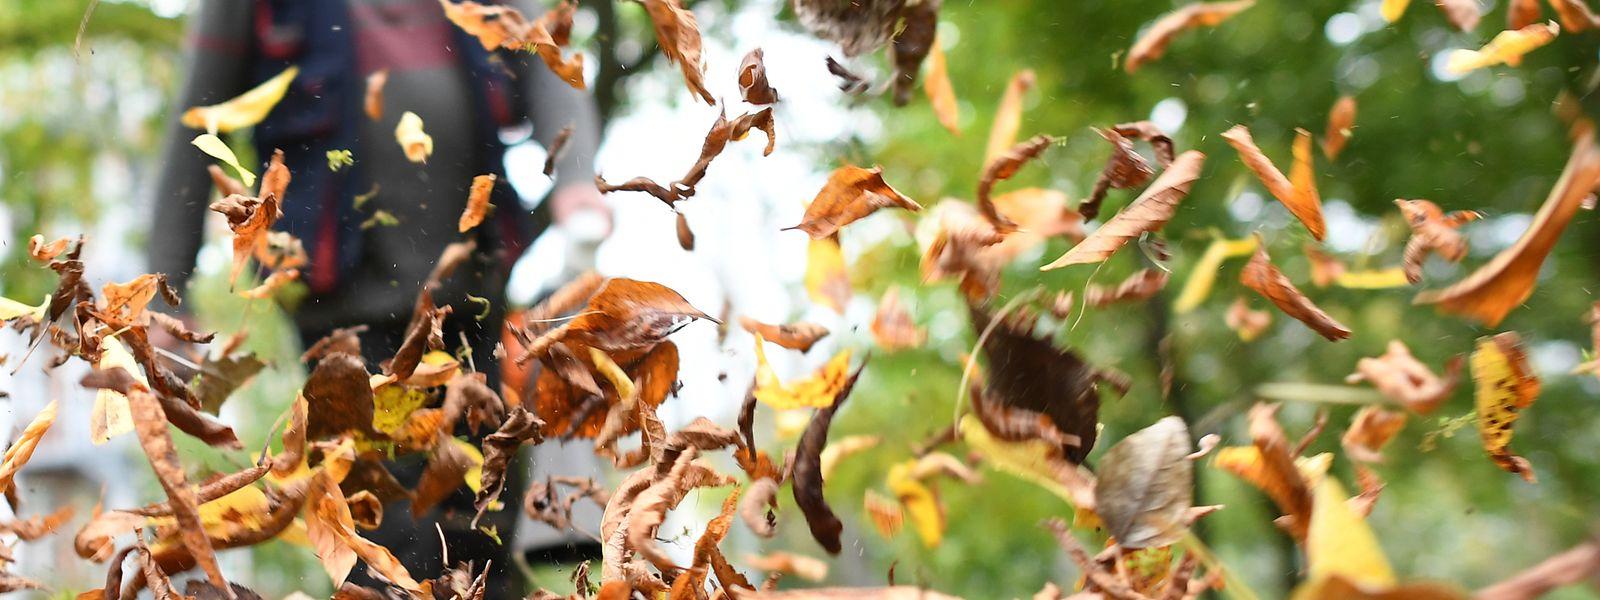 Laubsauger erleichtern zwar die Arbeit, dafür sind sie aber gefährlich für kleine Wildtiere.